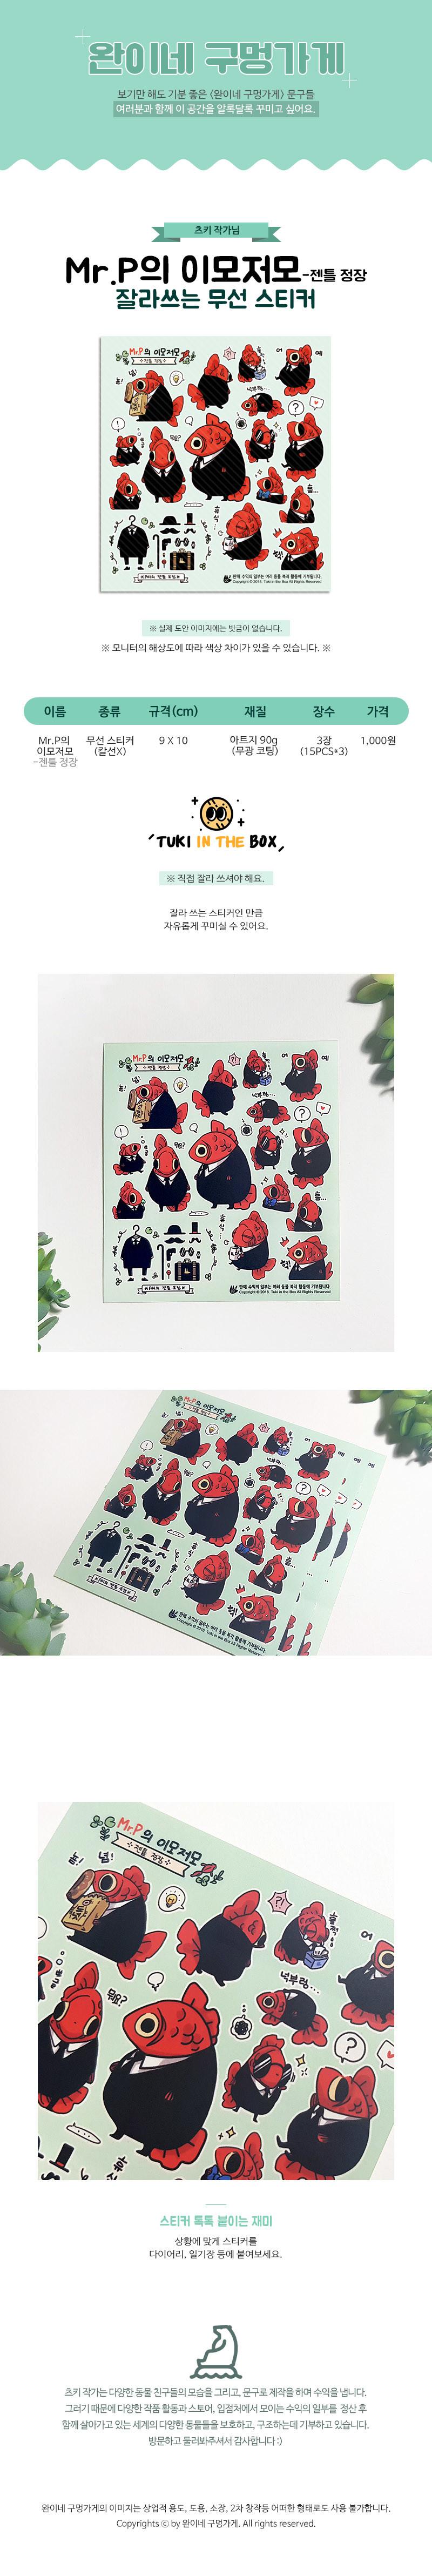 sticker756